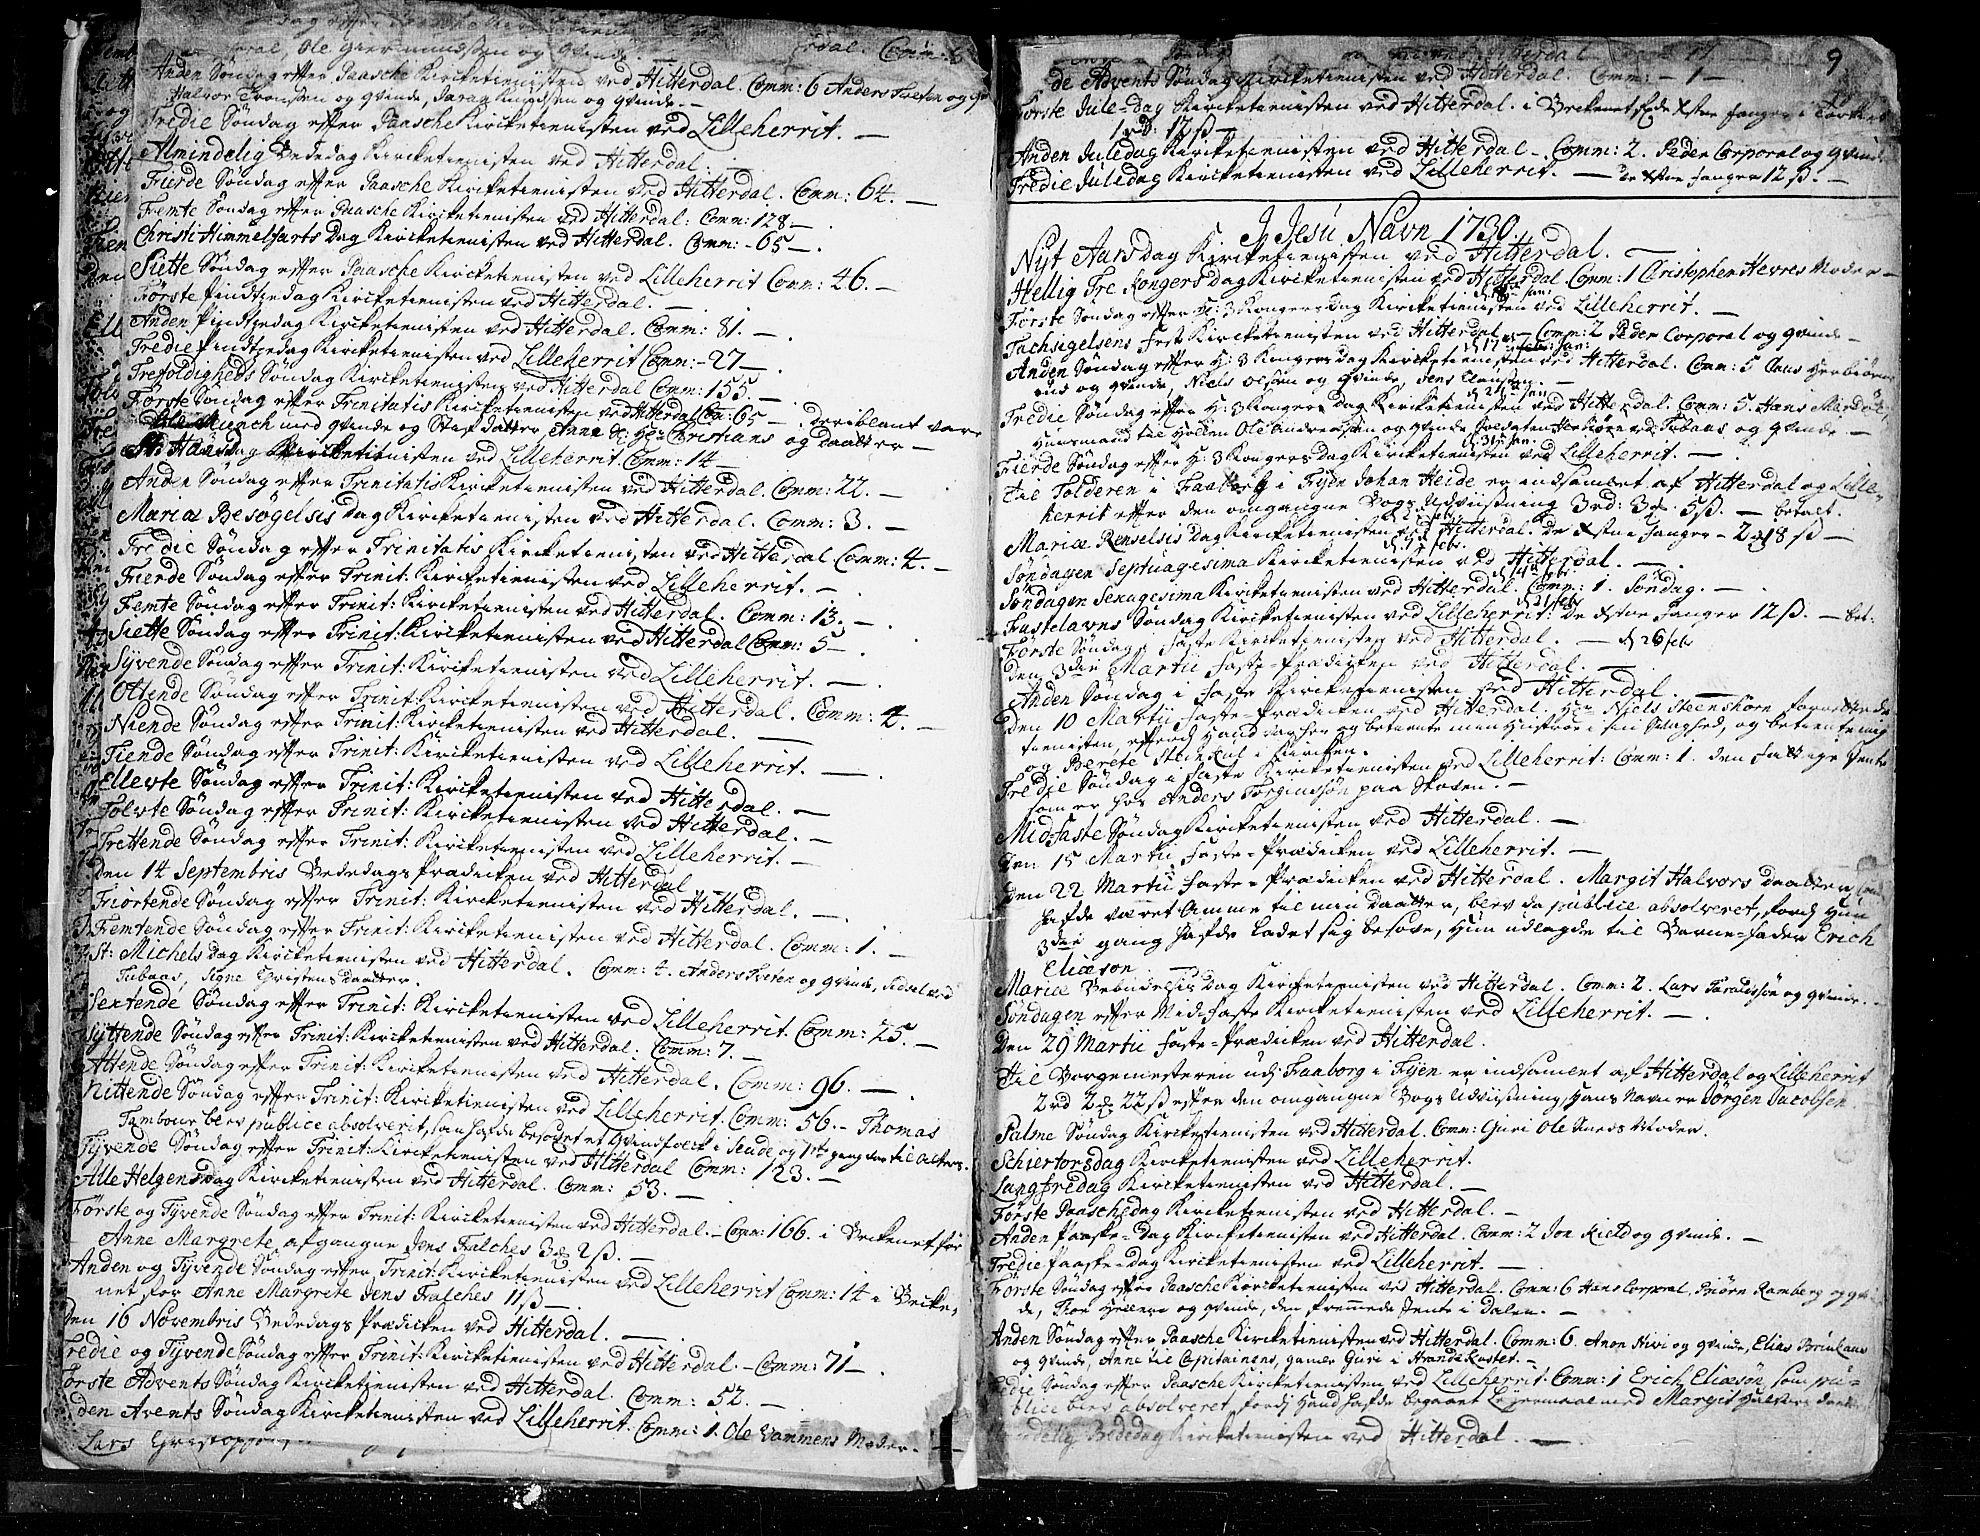 SAKO, Heddal kirkebøker, F/Fa/L0003: Ministerialbok nr. I 3, 1723-1783, s. 9